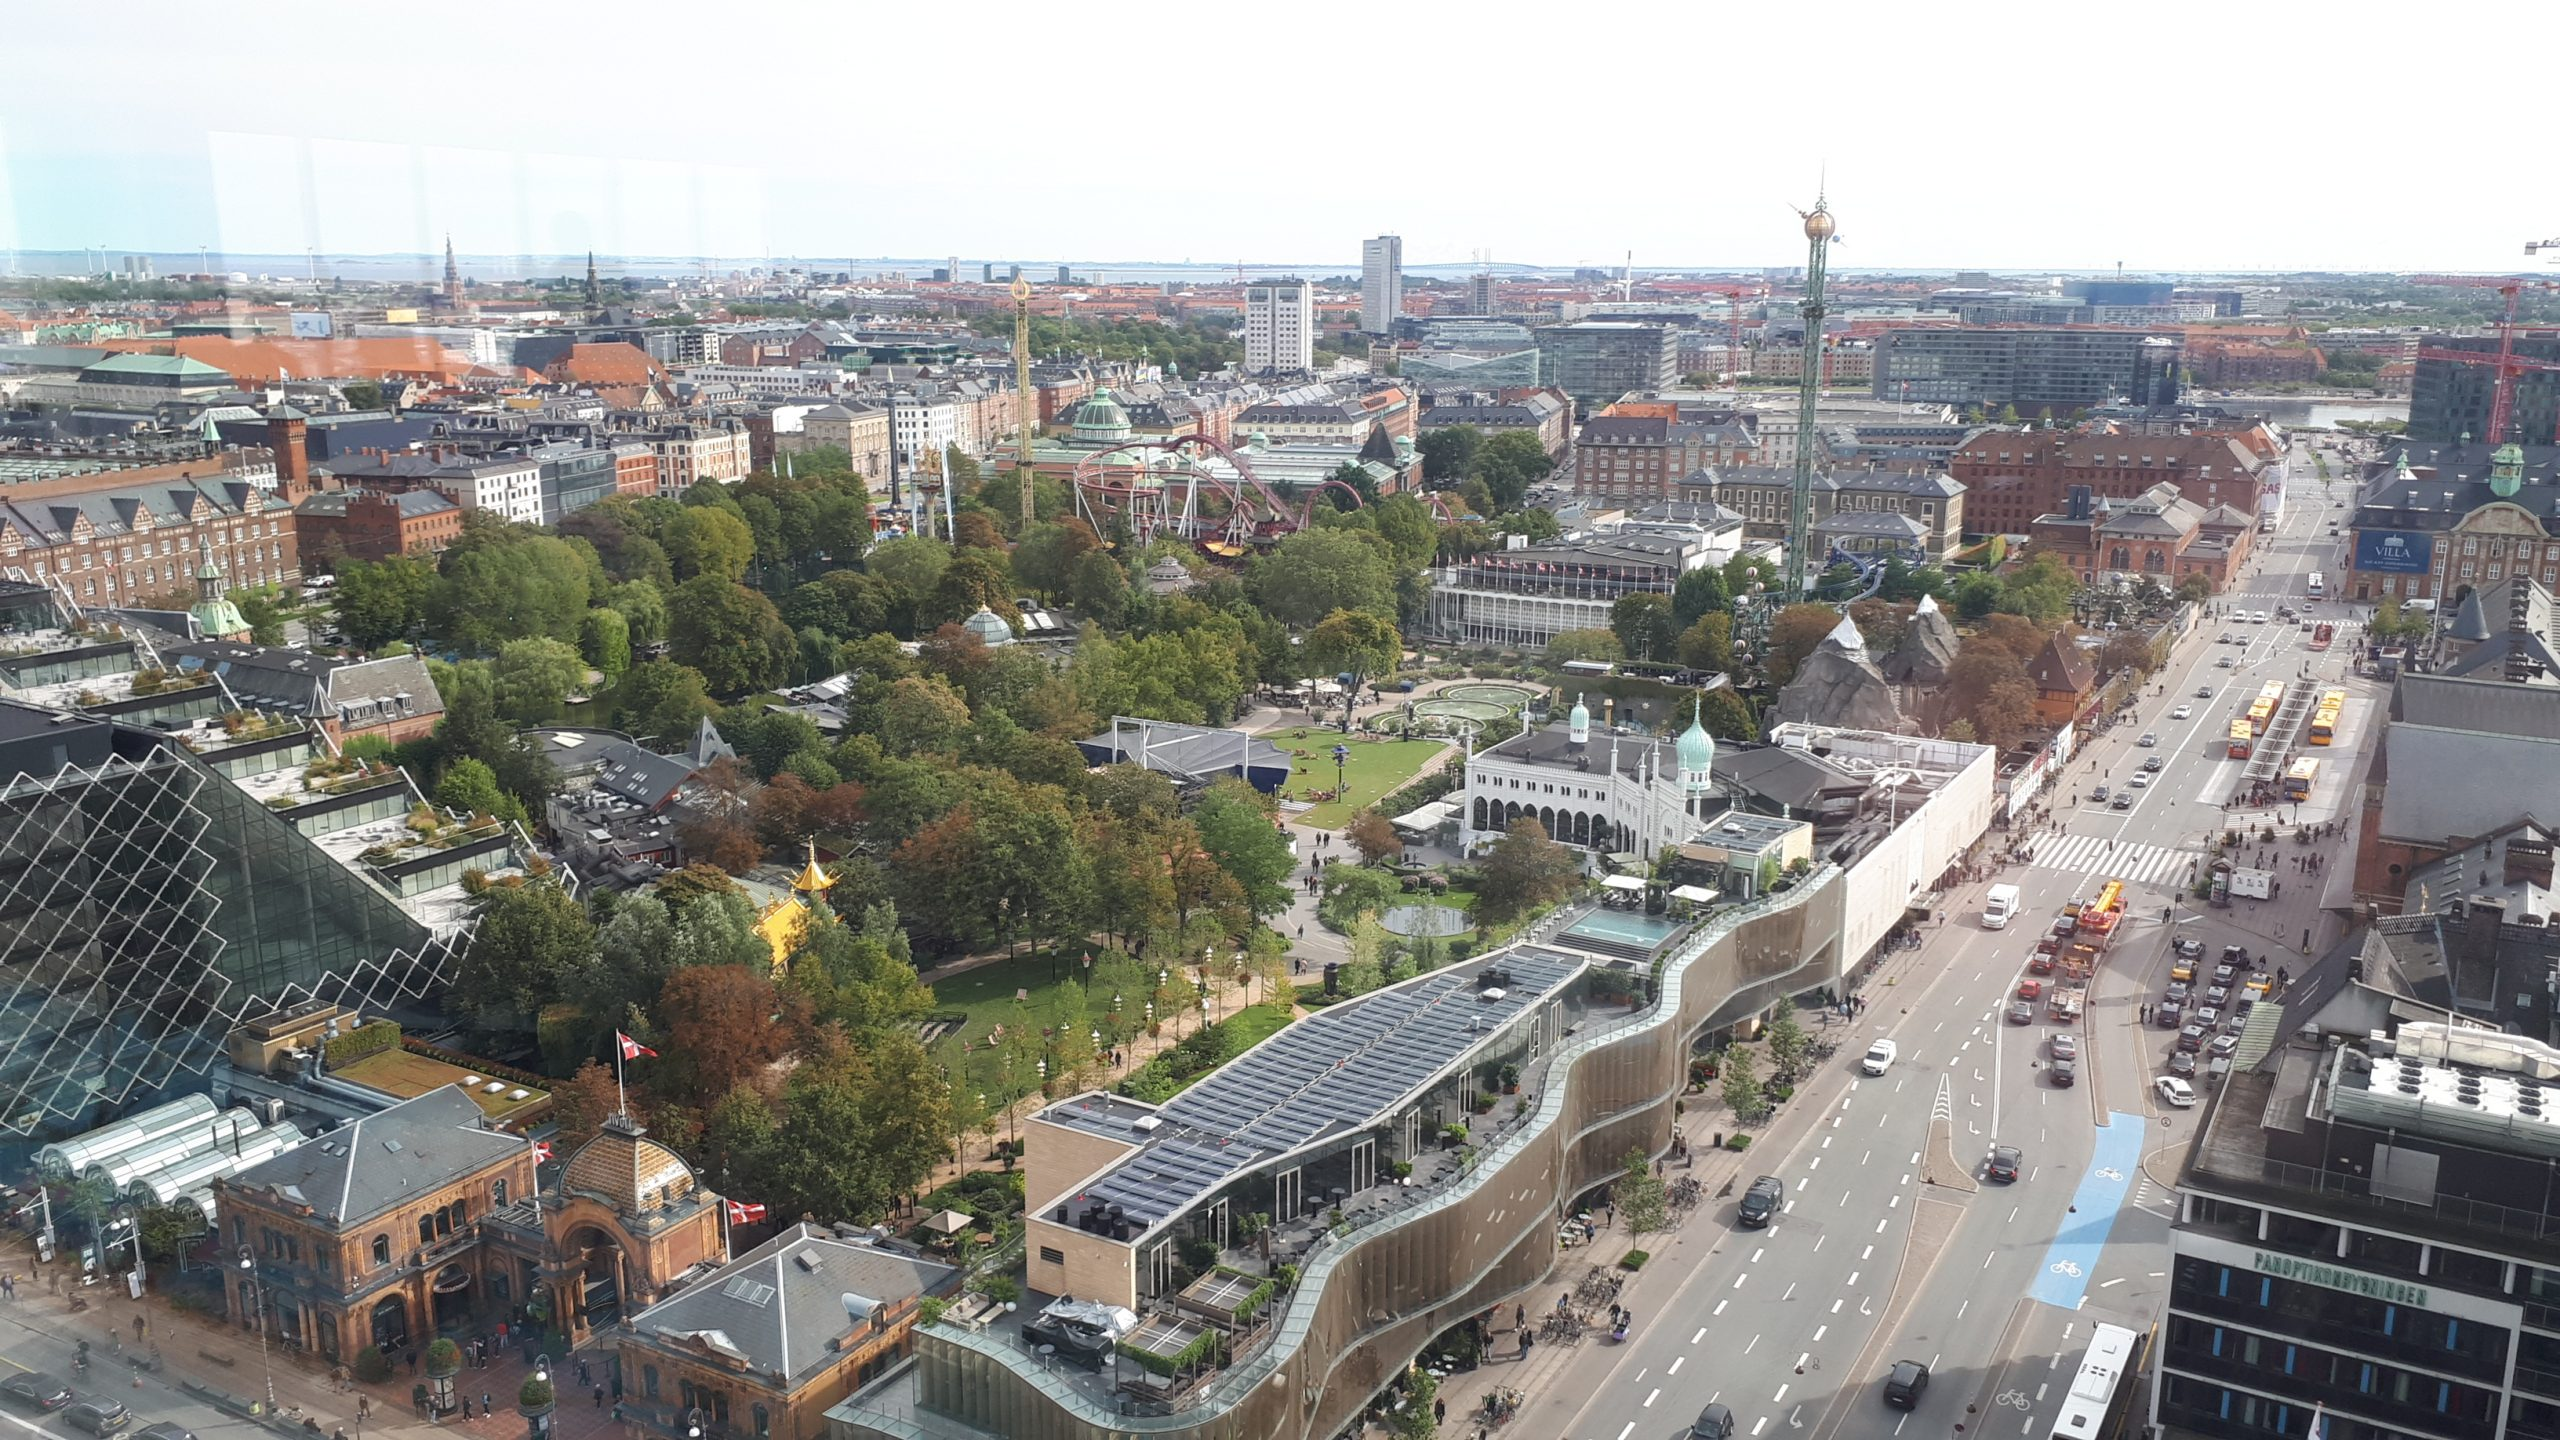 København set fra oven med Tivoli i forgrunden. Marts gav nedgang i antal overnatninger for hoteller, feriecentre, campingpladser og campingpladser. Arkivfoto: Henrik Baumgarten.